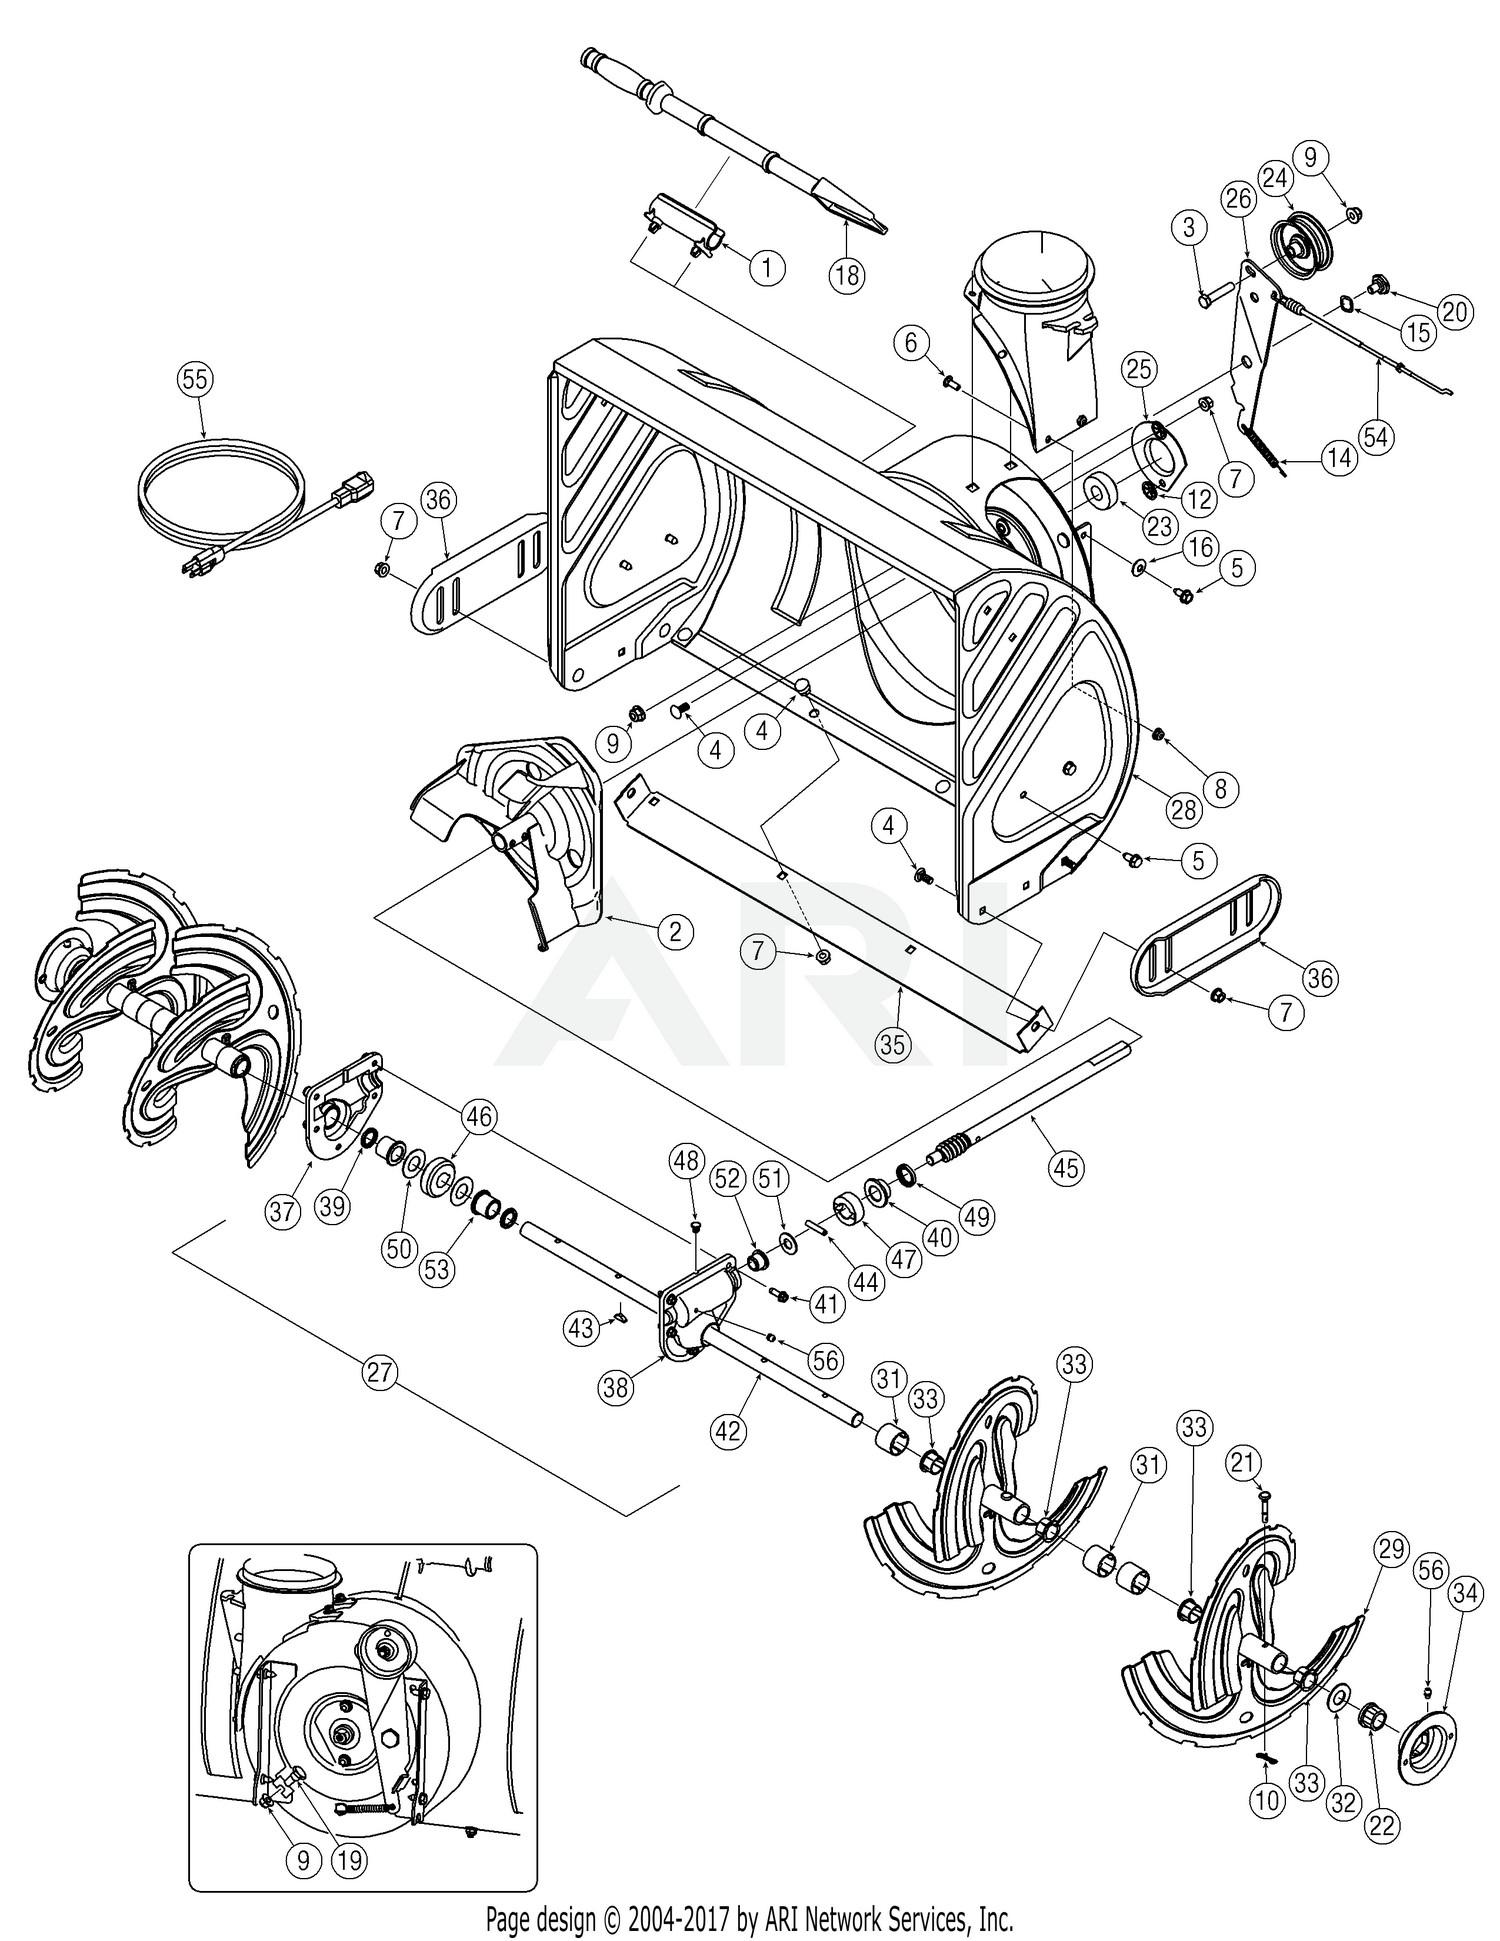 """Troy Bilt Lawn Mower Engine Diagram Troy Bilt 8026 Storm 8 5hp 26"""" Self Propelled 2005 2 31ae6go3711 Of Troy Bilt Lawn Mower Engine Diagram"""